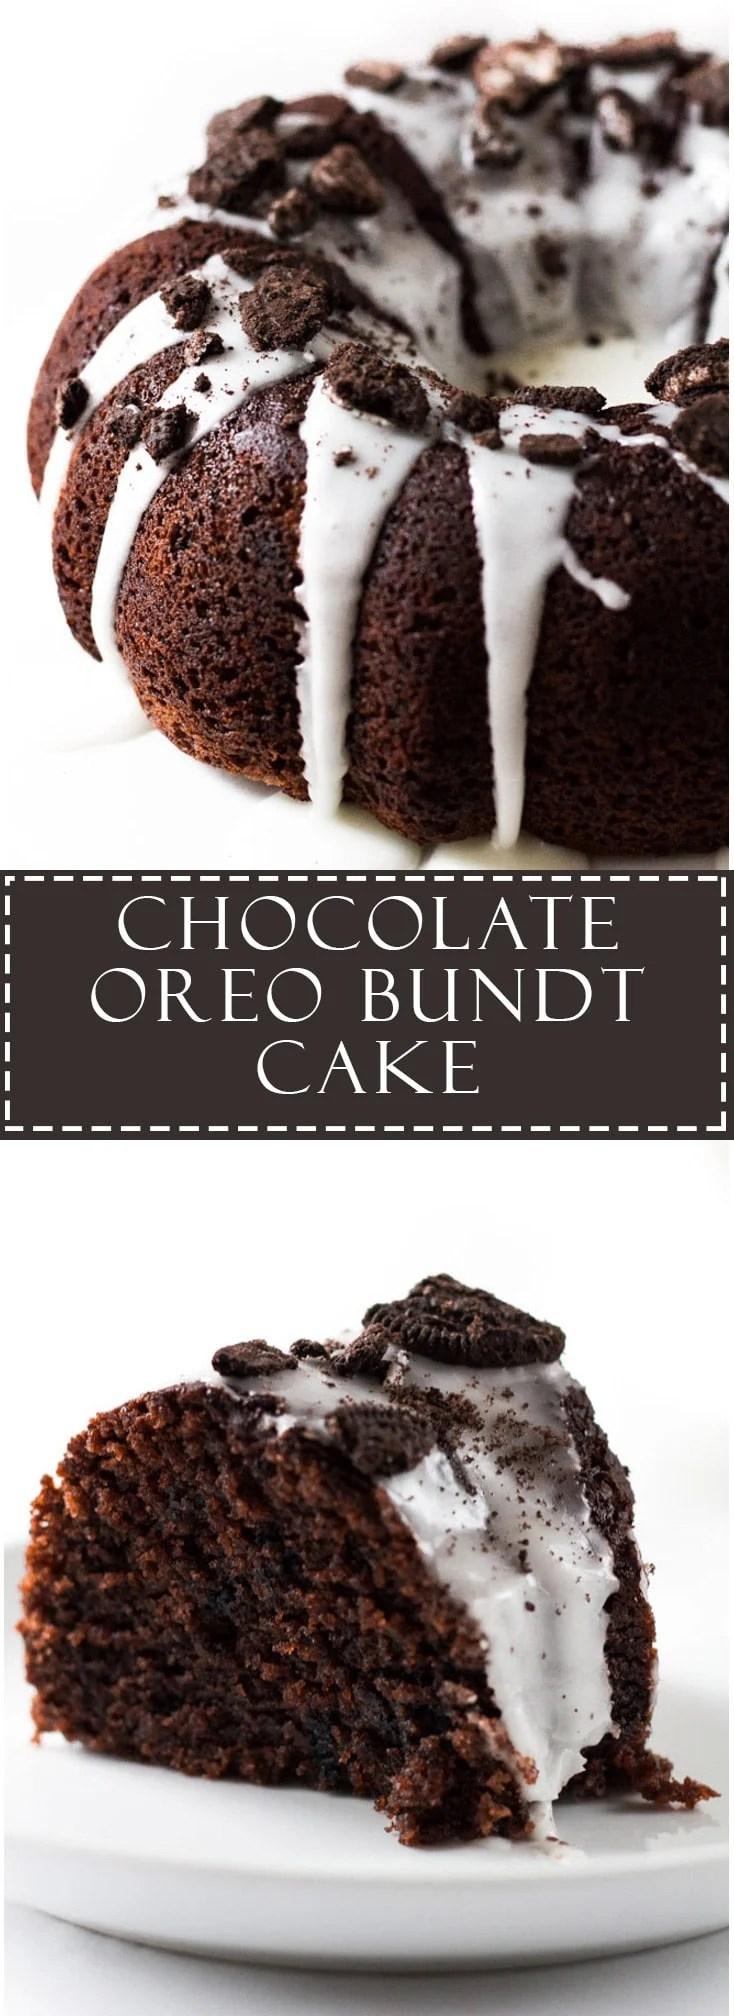 Chocolate Oreo Bundt Cake | Marsha's Baking Addiction